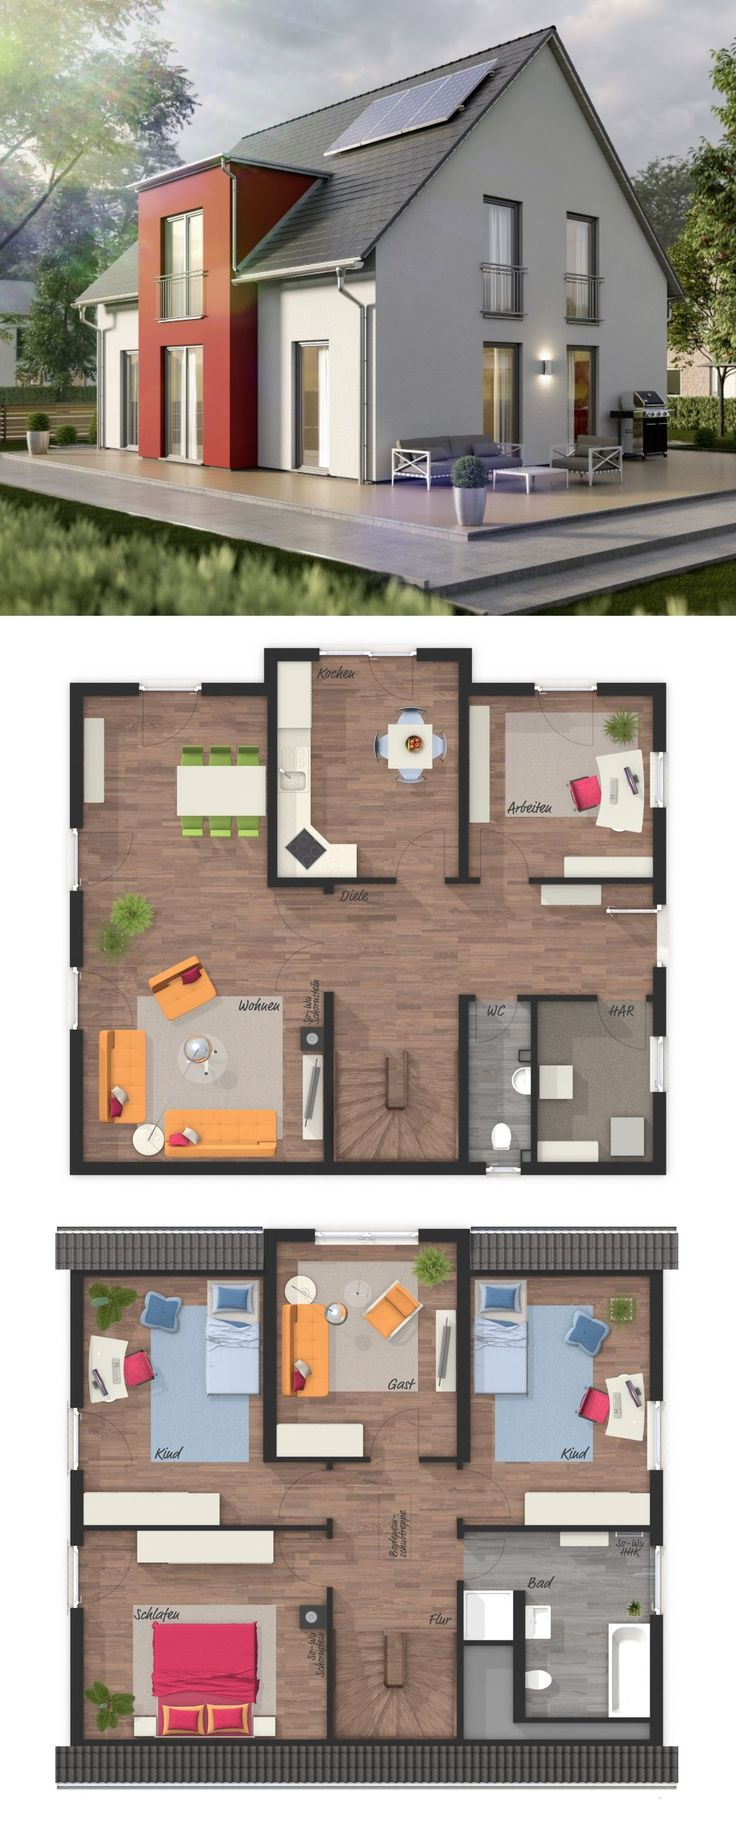 Einfamilienhaus Architektur modern mit Satteldach, Zwerchgiebel & 6 Zimmer Grund…  – HausbauDirekt